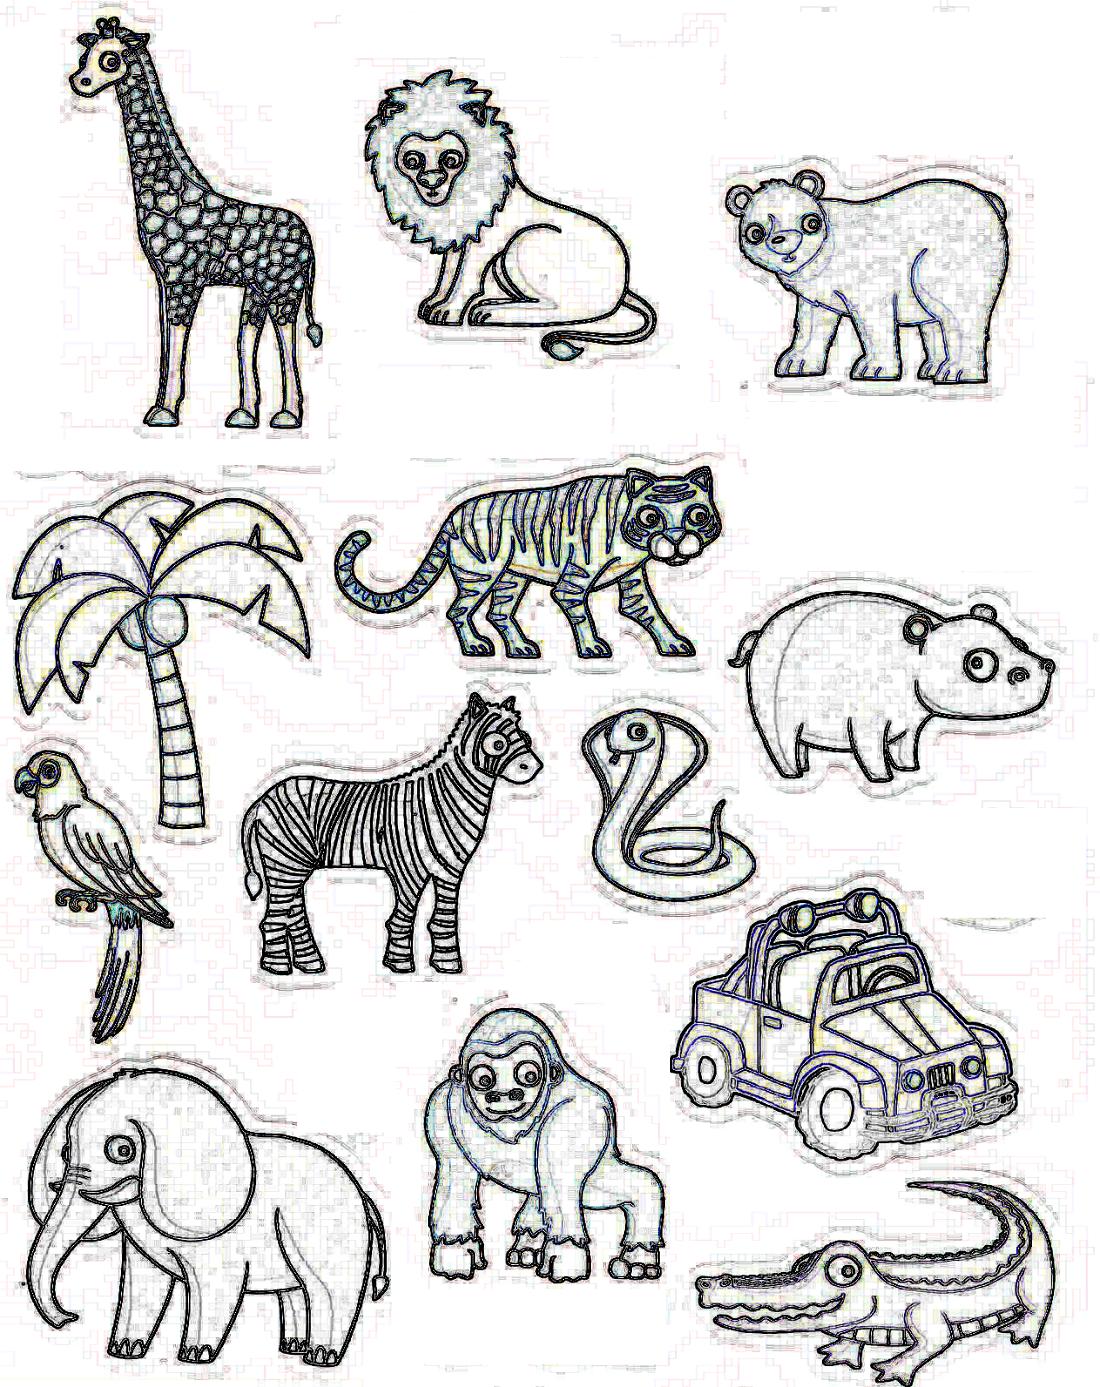 Coloriage Famille Delajungle.Coloriage Des Animaux De La Jungle Africaine Afrocaneo Carrefour